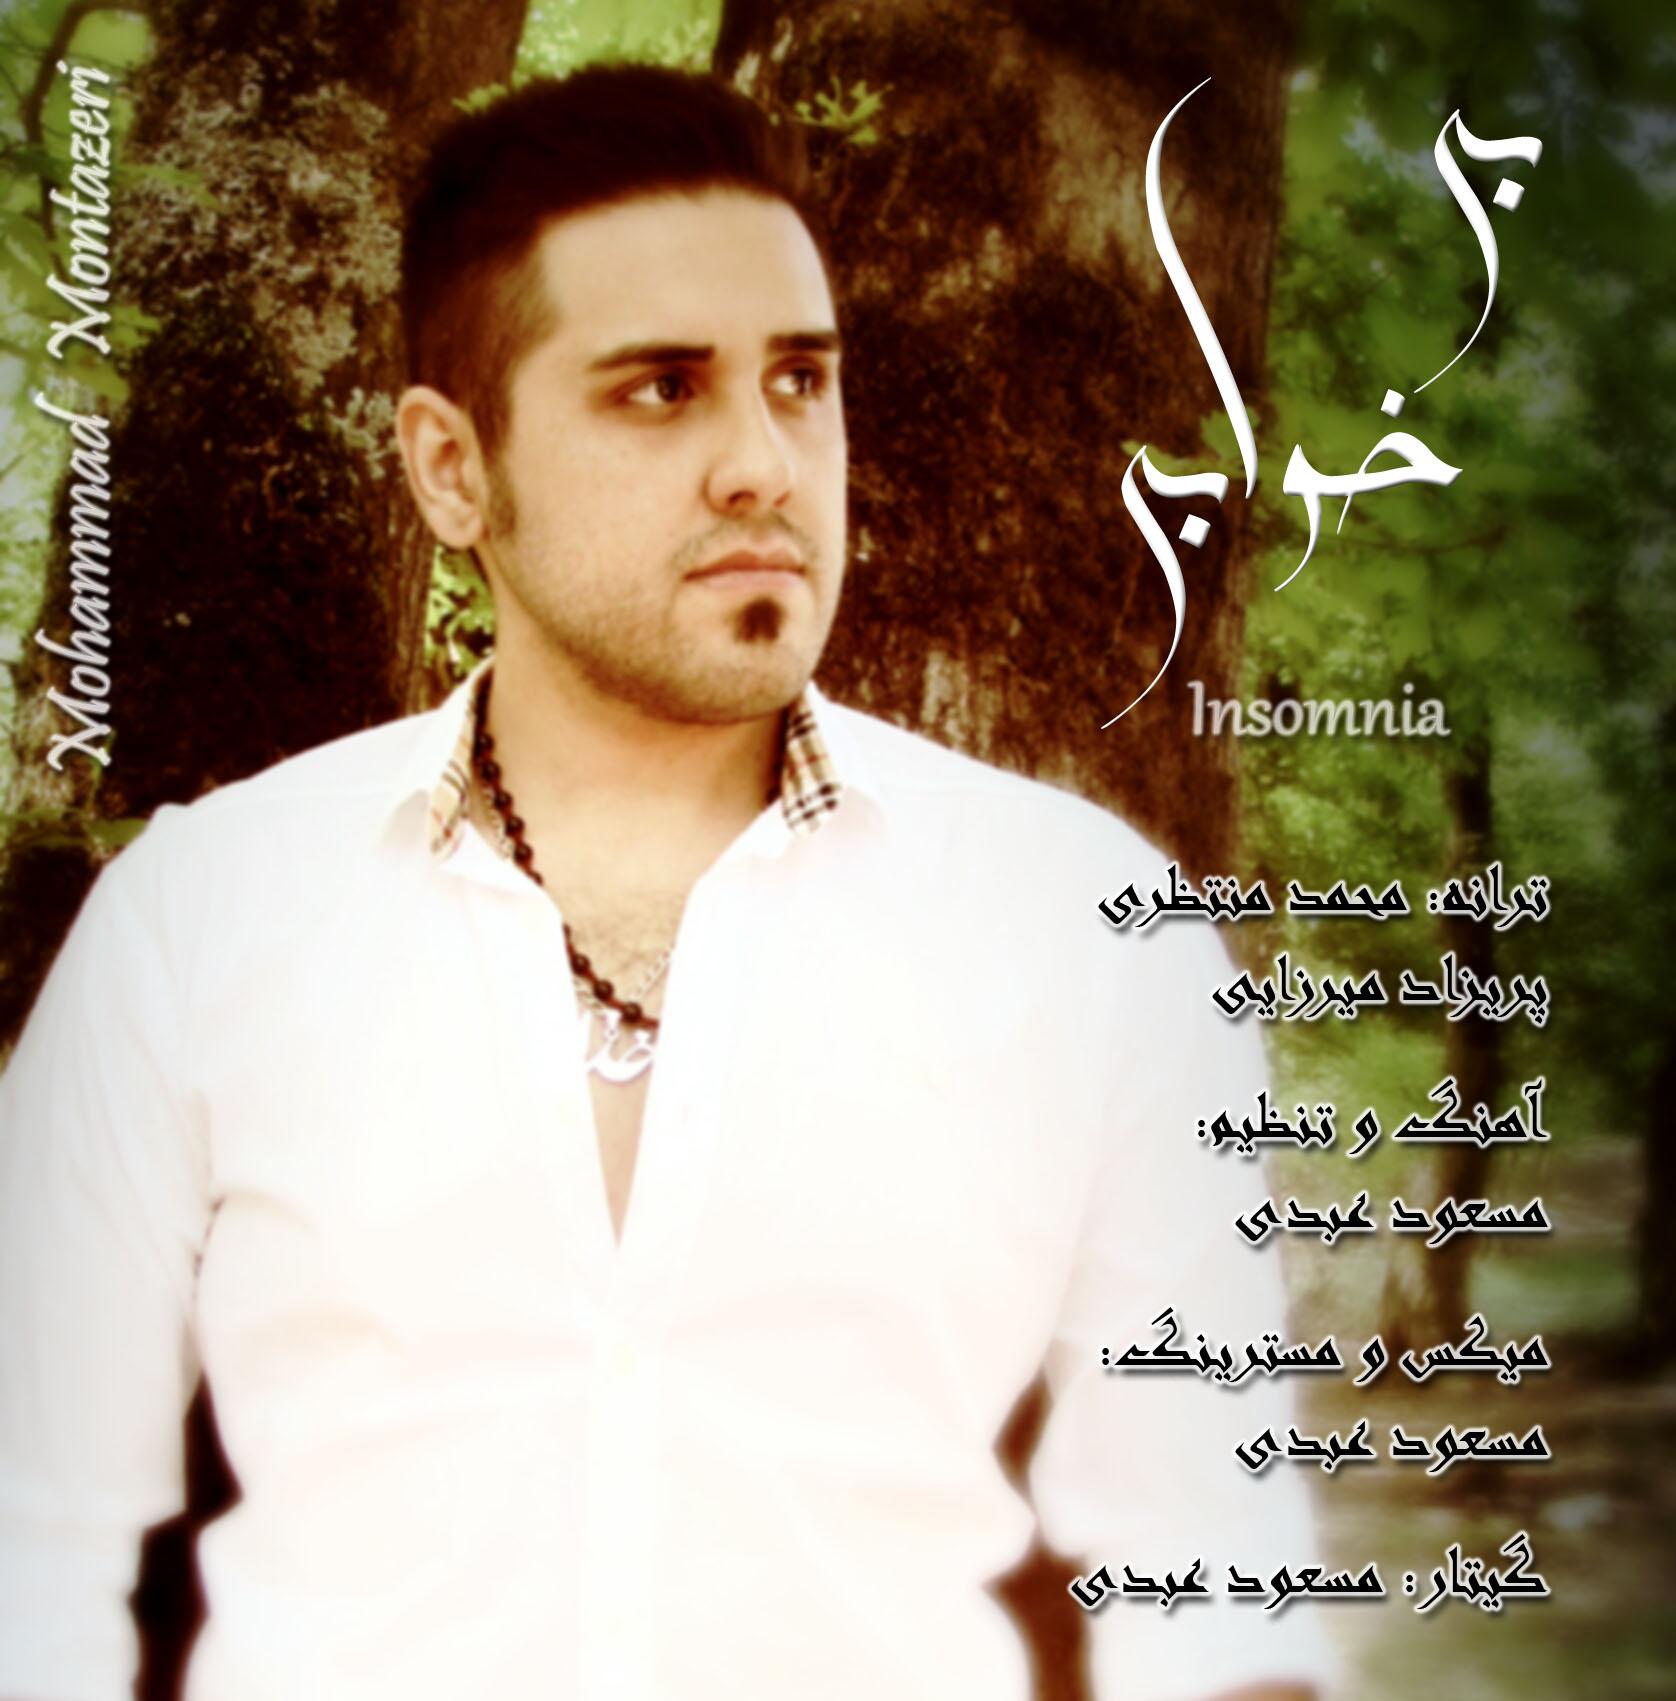 دانلود آهنگ جدید محمد منتظری به نام بیخوابی